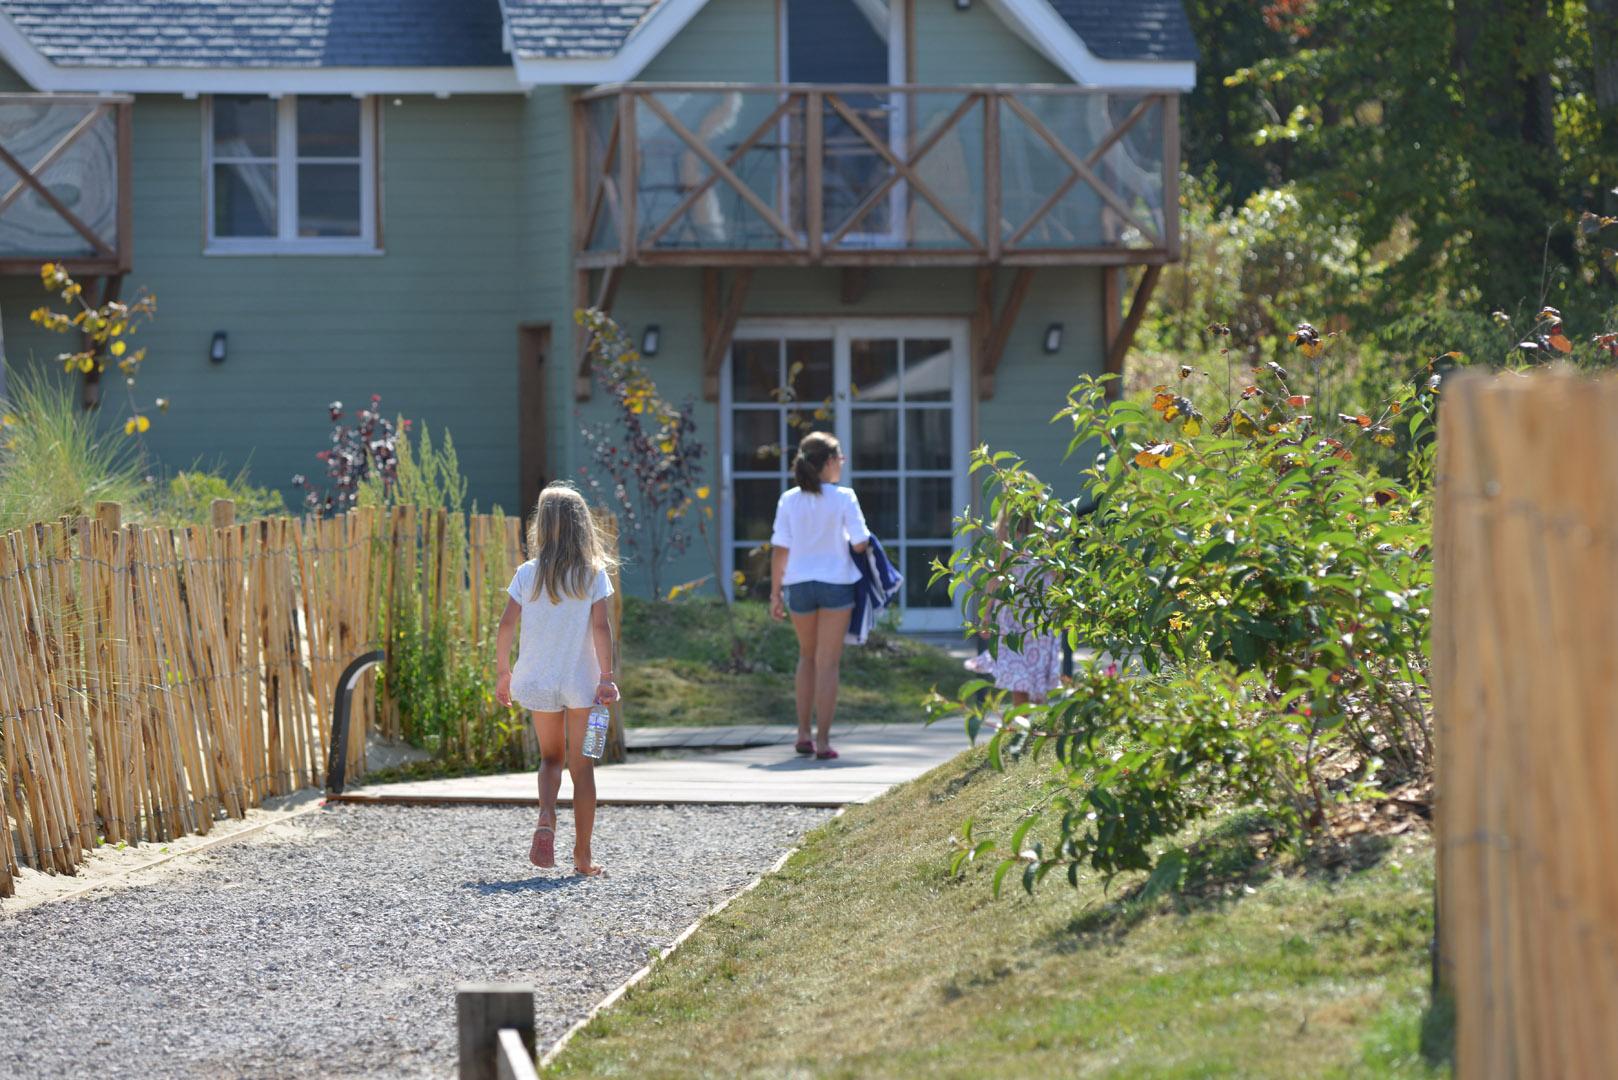 Les maisons de la baie de somme vacances baie de somme for Baie de somme location maison